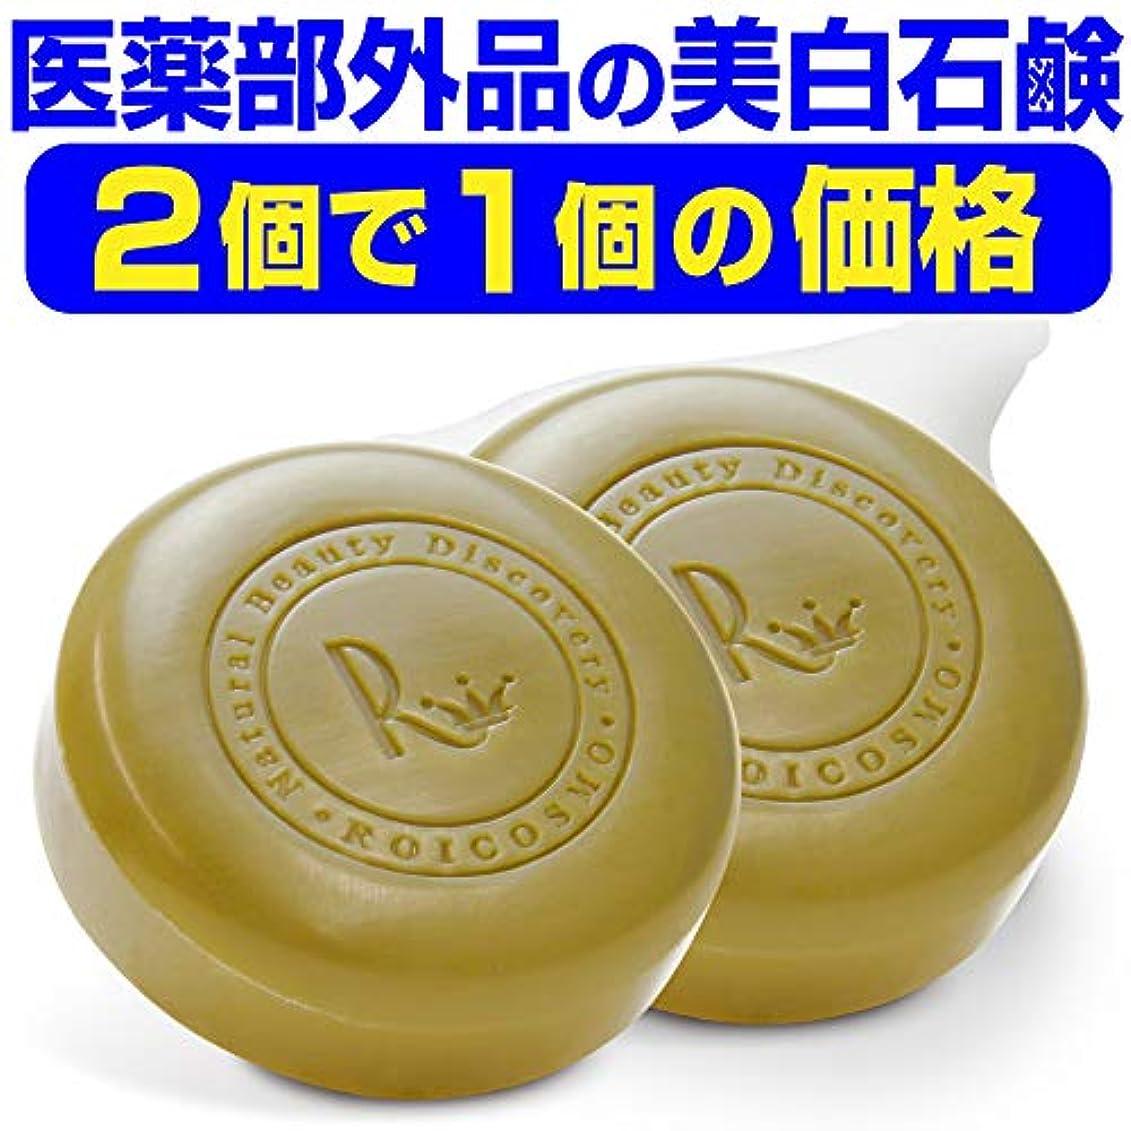 アセ取り出す帆2個まとめ買い9%OFF 美白石鹸/ビタミンC270倍の美白成分配合の 洗顔石鹸 固形『ホワイトソープ100g×2個』